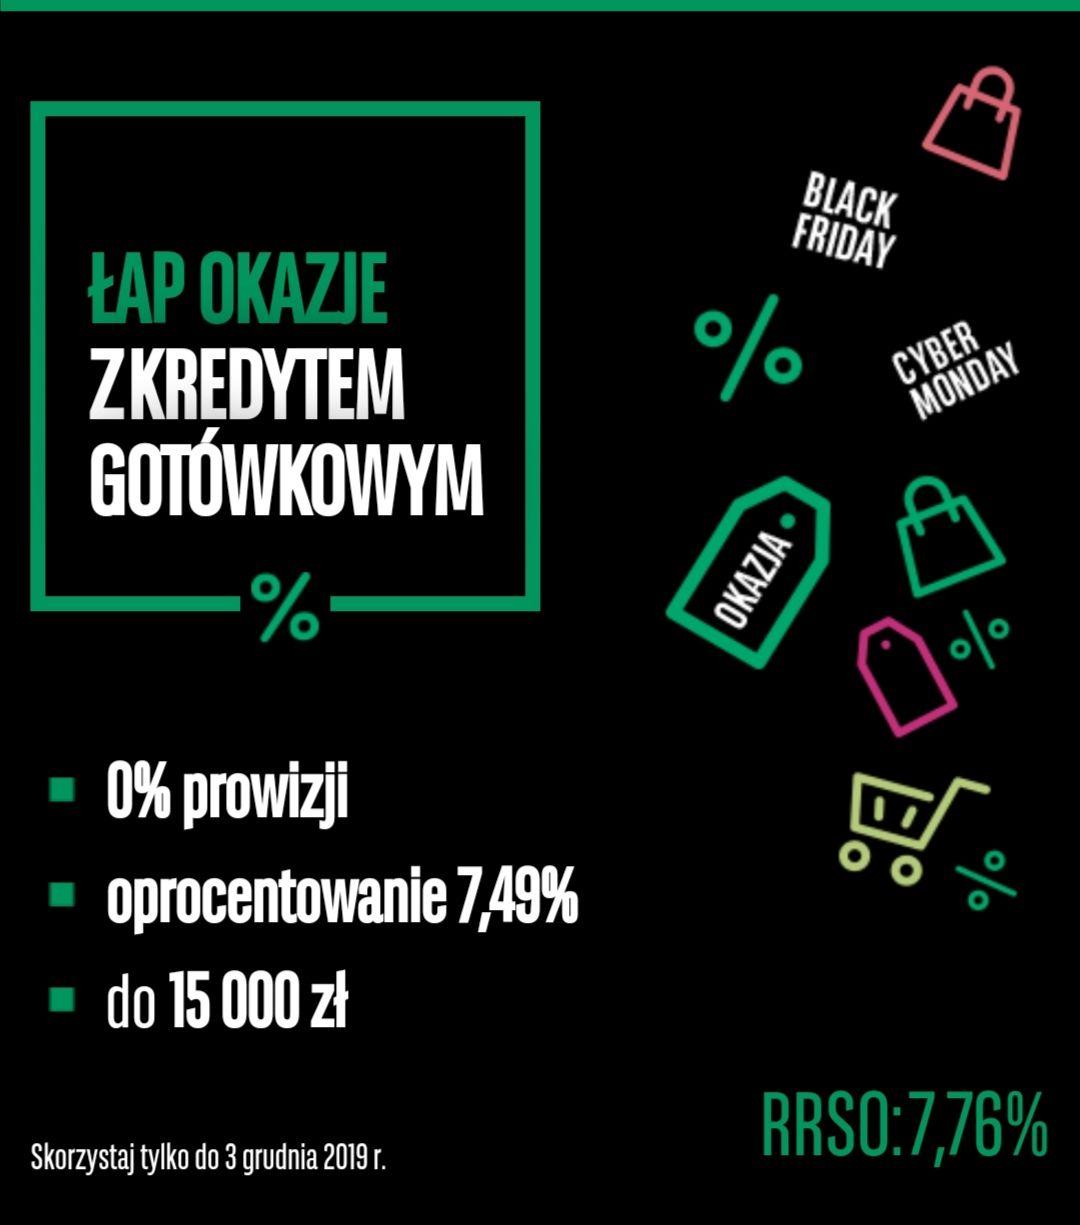 Kredyt gotówkowy RRSO 7.76 %